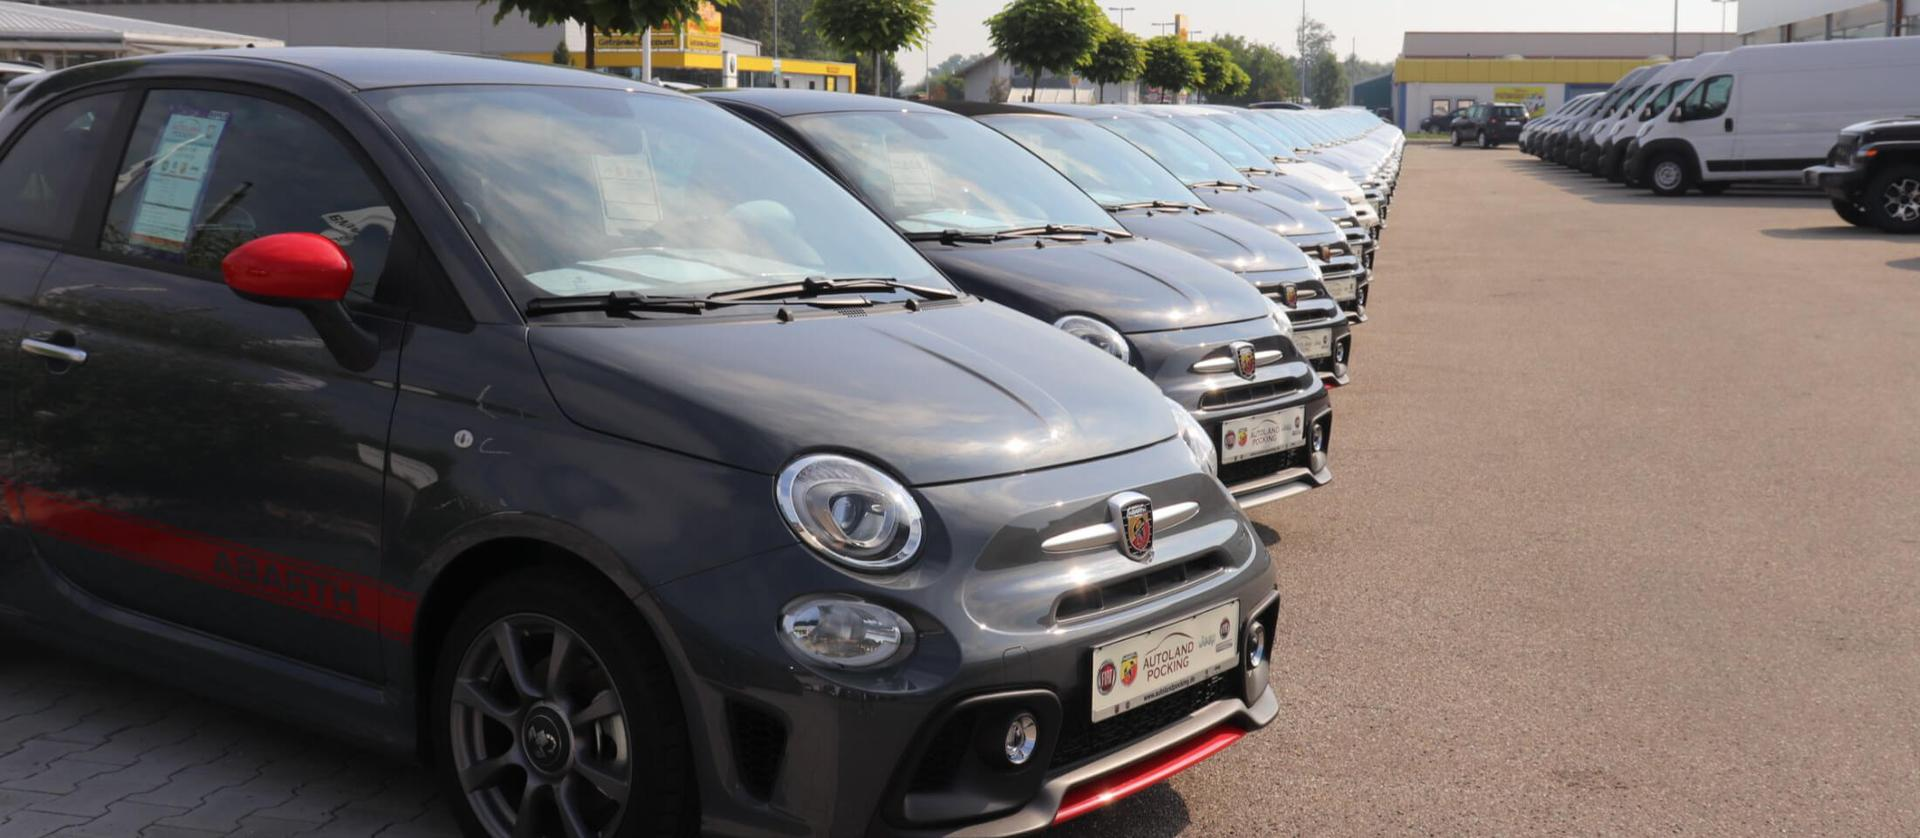 Fiat - Jeep - Abarth - Fiat Professional Autoland Pocking bei Passau — Super Auswahl | Super Preise | Super Service — EU Neuwagen  Vertragshändler Fiat